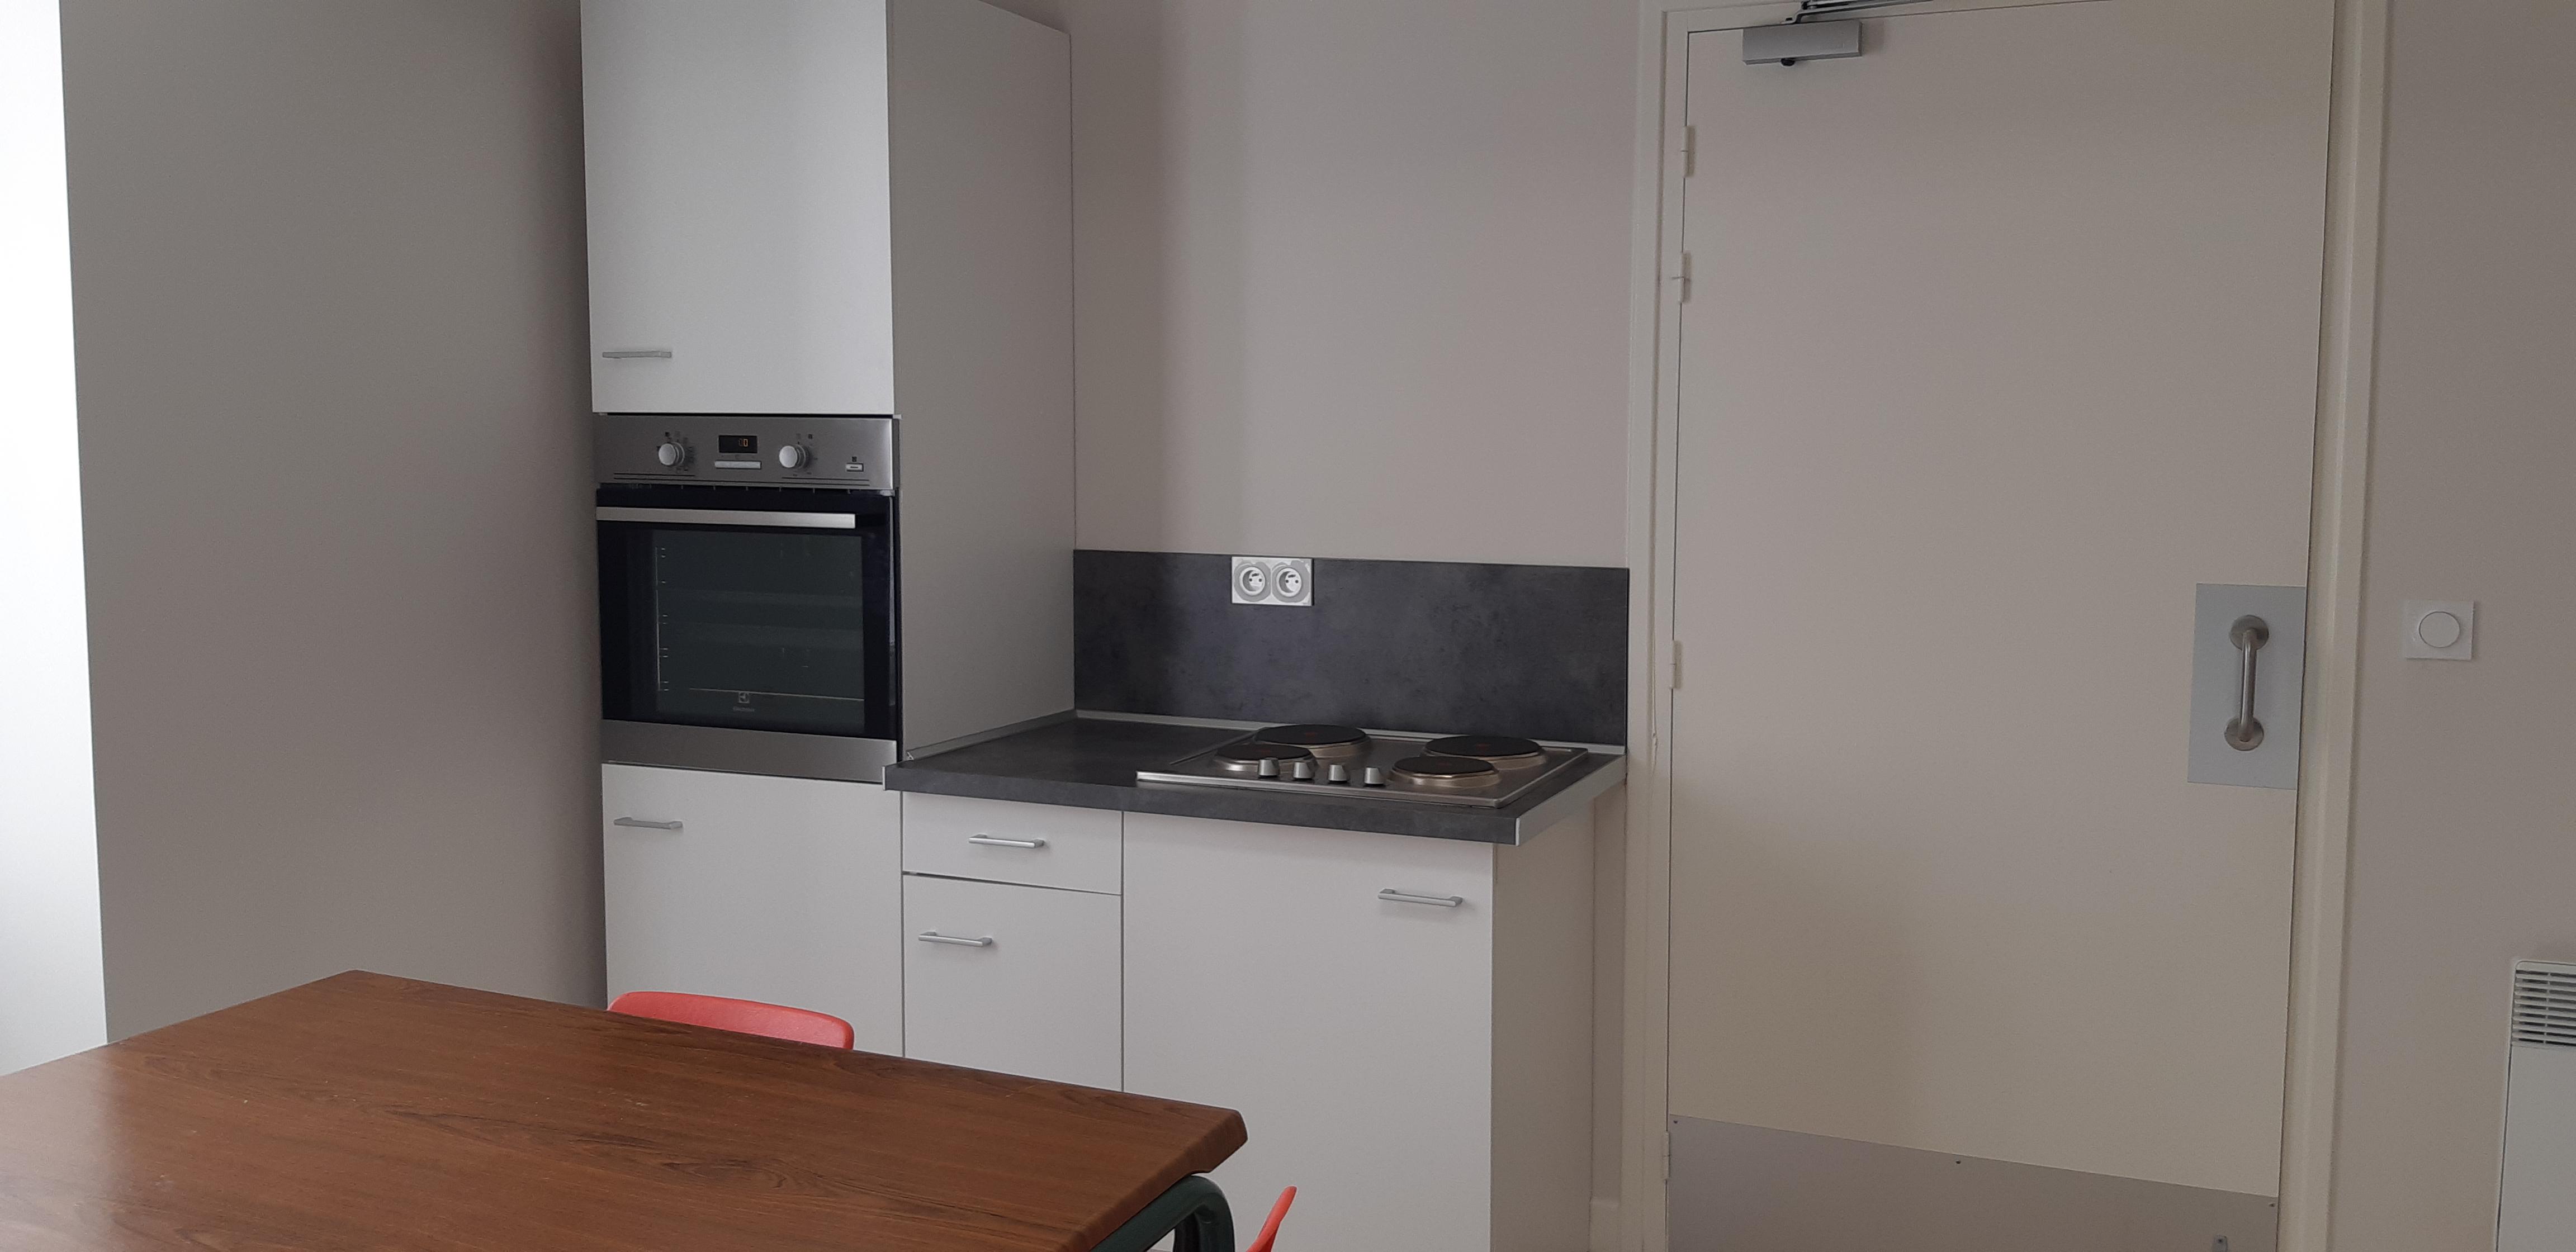 Cuisine-Four et plaques cuisson Salle PIAU